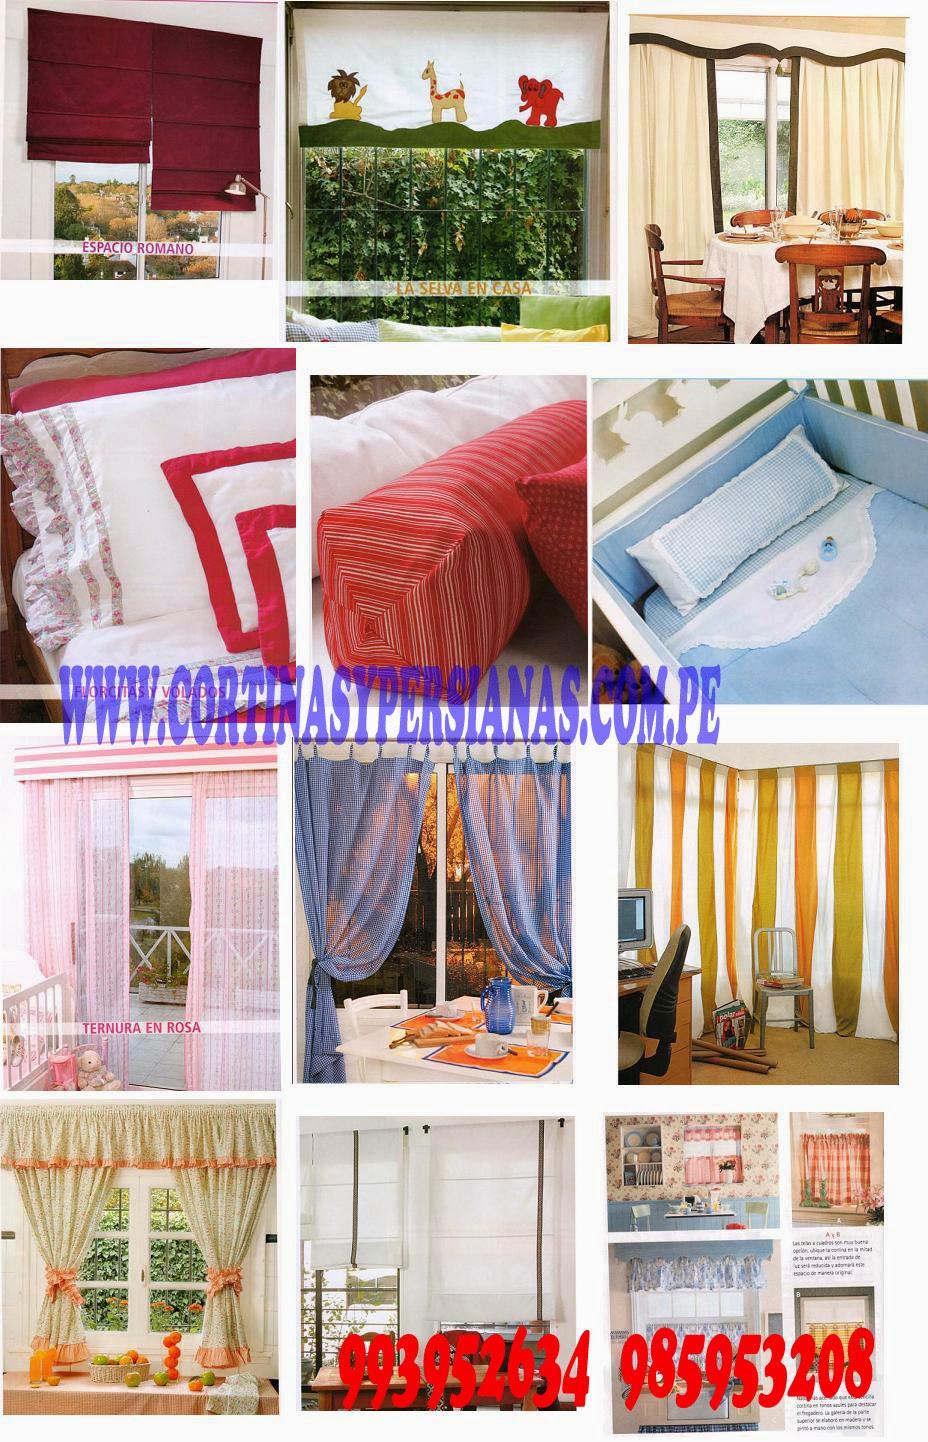 Cortinas peru confeccion de cortinas cortinas para sala cortinas para dormitorios cortinas - Confeccion de estores ...